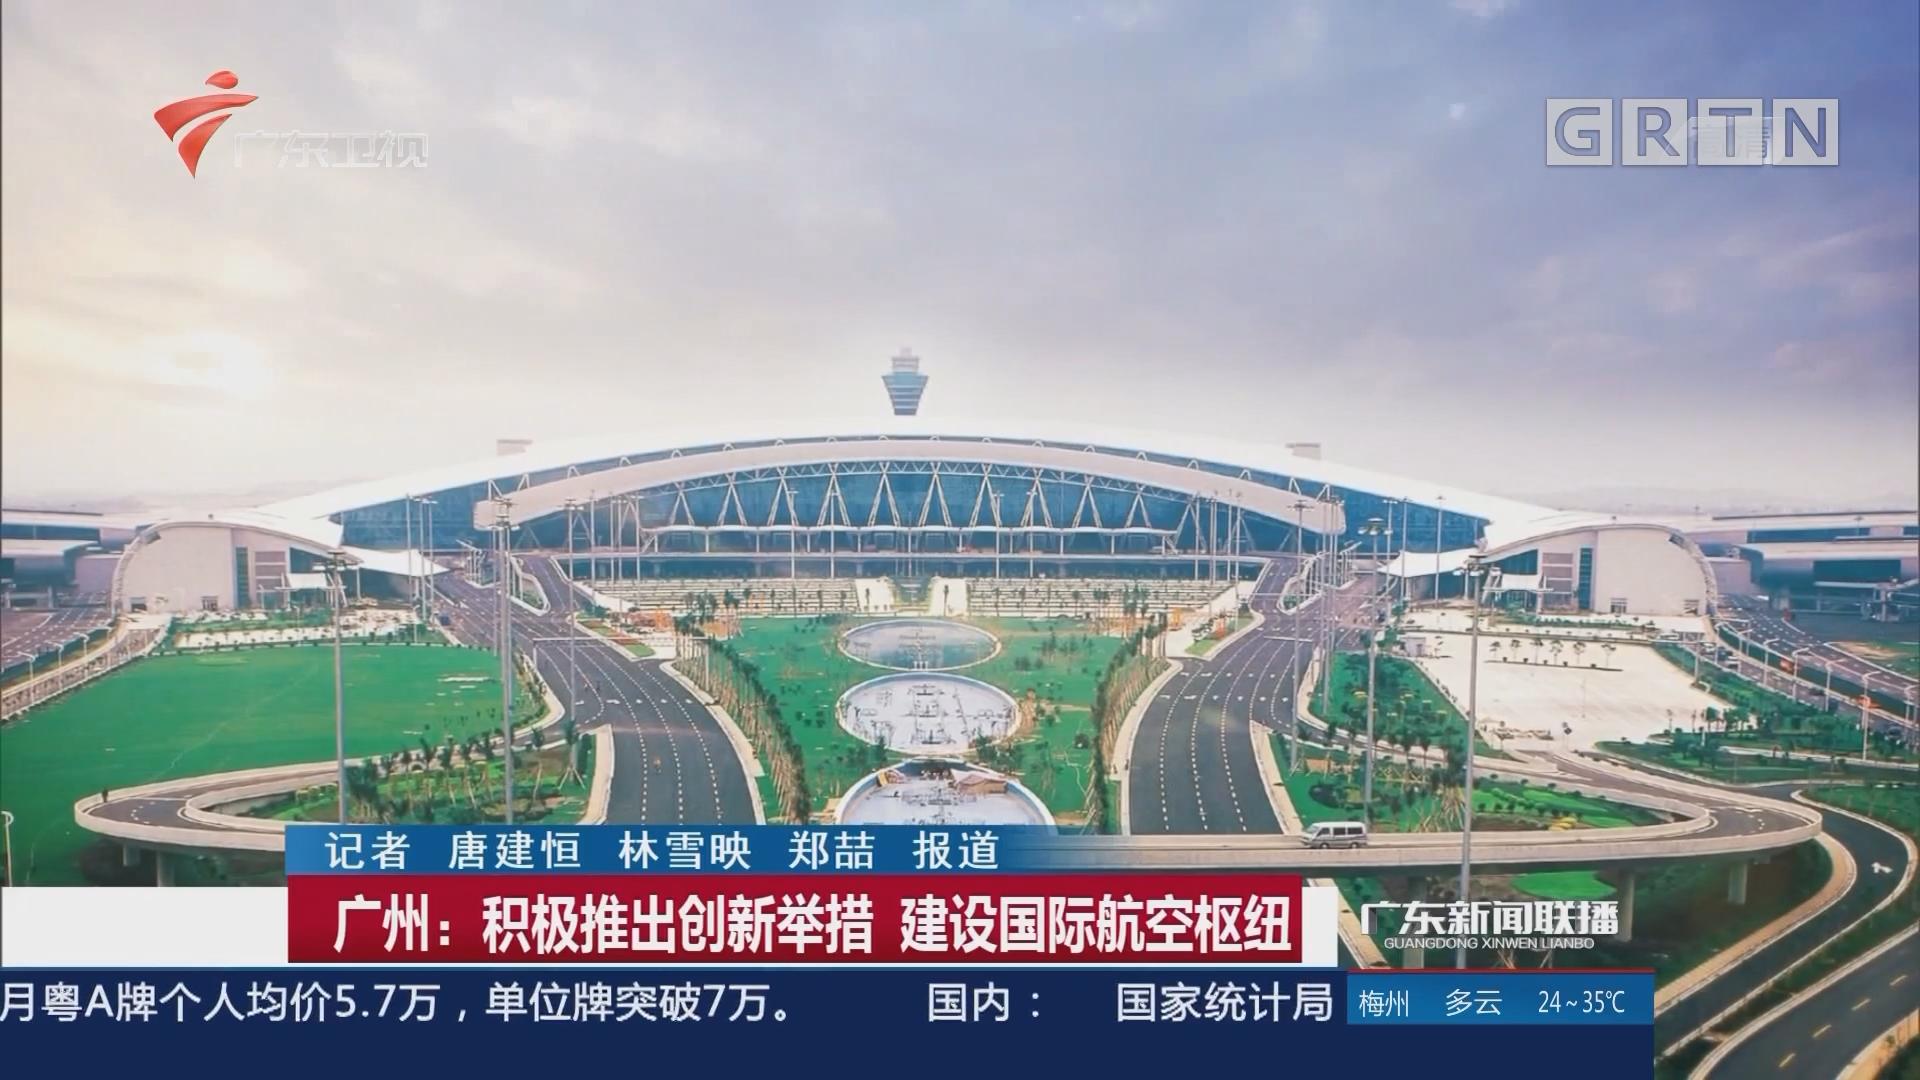 广州:积极推出创新举措 建设国际航空枢纽